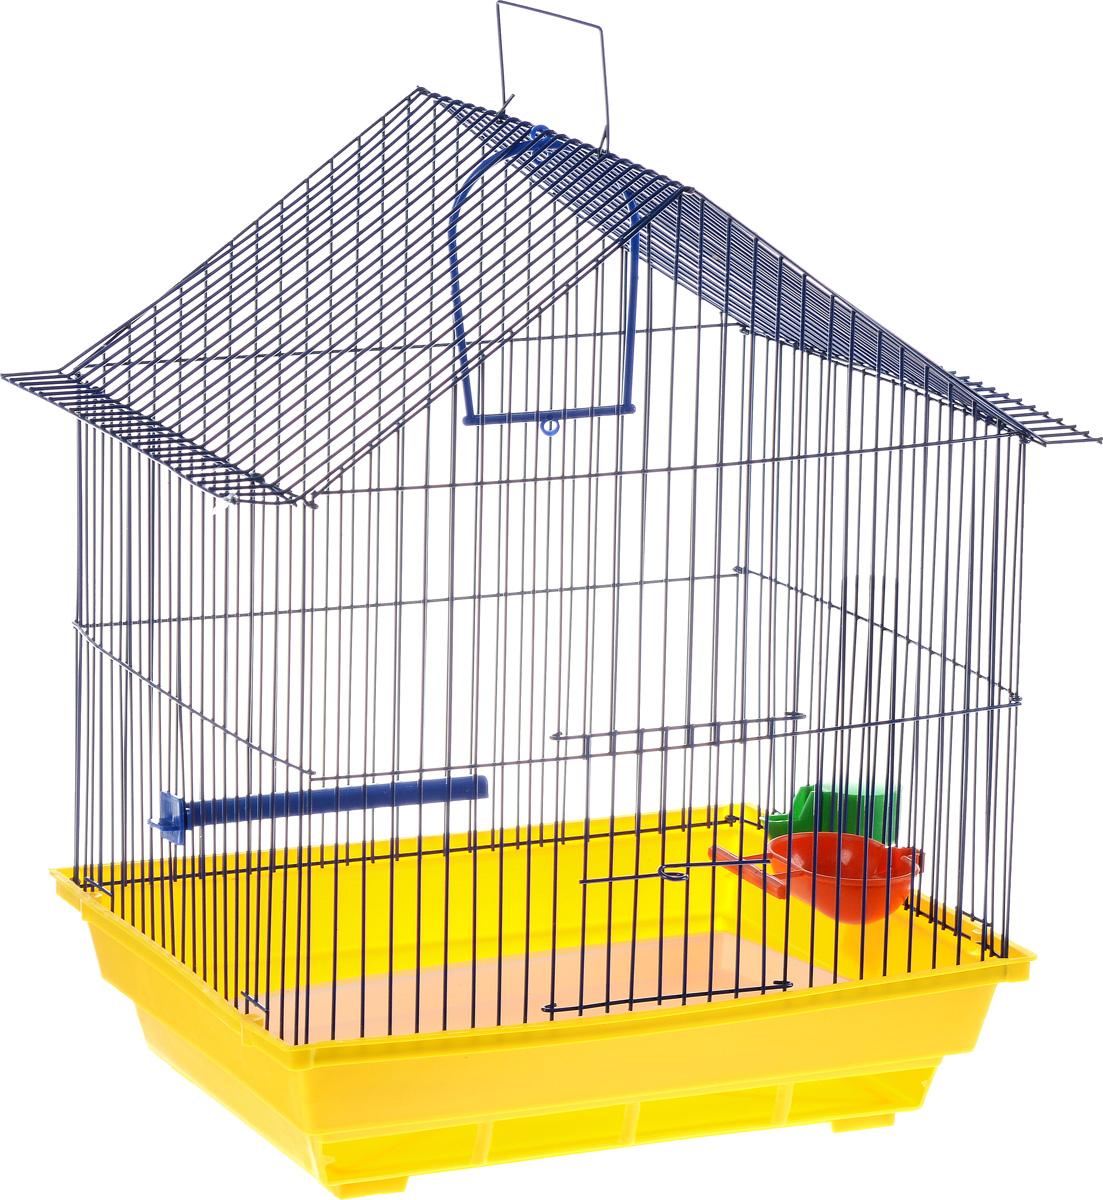 Клетка для птиц ЗооМарк, цвет: желтый поддон, синяя решетка, 39 х 28 х 42 см410_желтый, синийКлетка ЗооМарк, выполненная из полипропилена и металла с эмалированным покрытием, предназначена для мелких птиц. Изделие состоит из большого поддона и решетки. Клетка снабжена металлической дверцей. В основании клетки находится малый поддон. Клетка удобна в использовании и легко чистится. Она оснащена кольцом для птицы, поилкой, кормушкой и подвижной ручкой для удобной переноски. Комплектация: - клетка с поддоном; - малый поддон; - поилка; - кормушка;- кольцо.